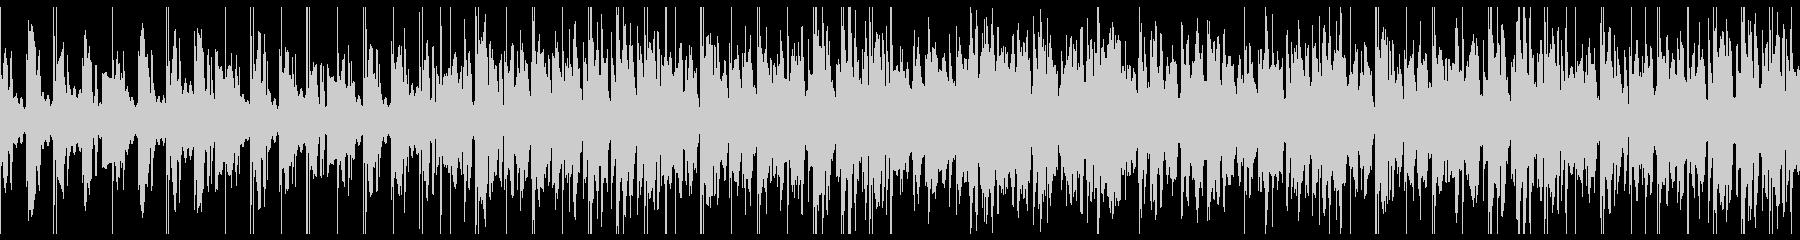 ループ/夜更かしlo-fi曲001の未再生の波形